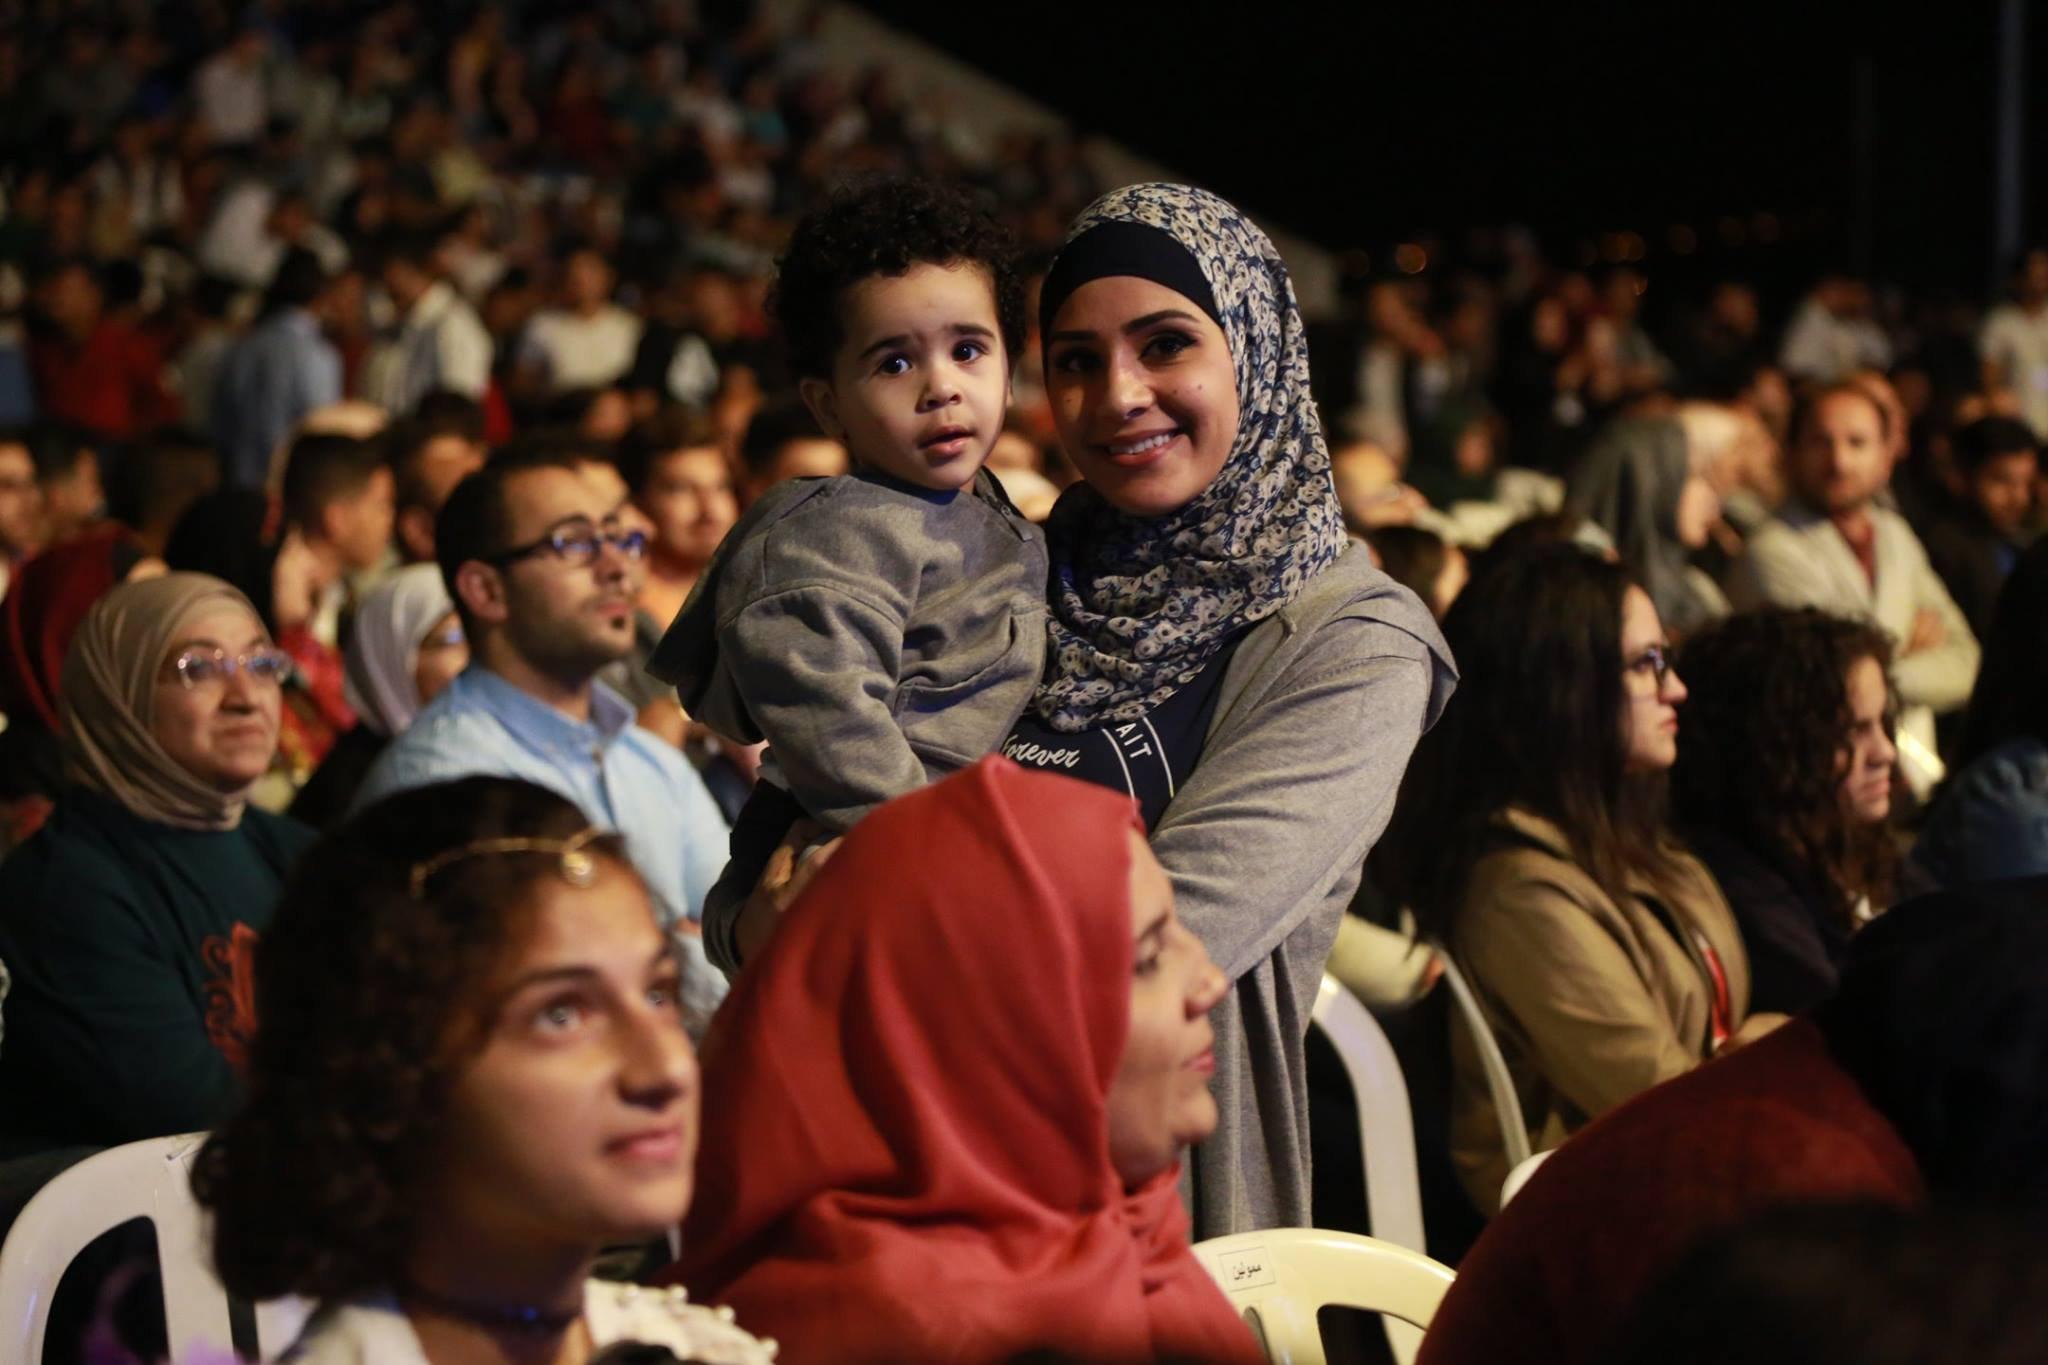 افتتاح مهرجان ليالي بيرزيت 2017